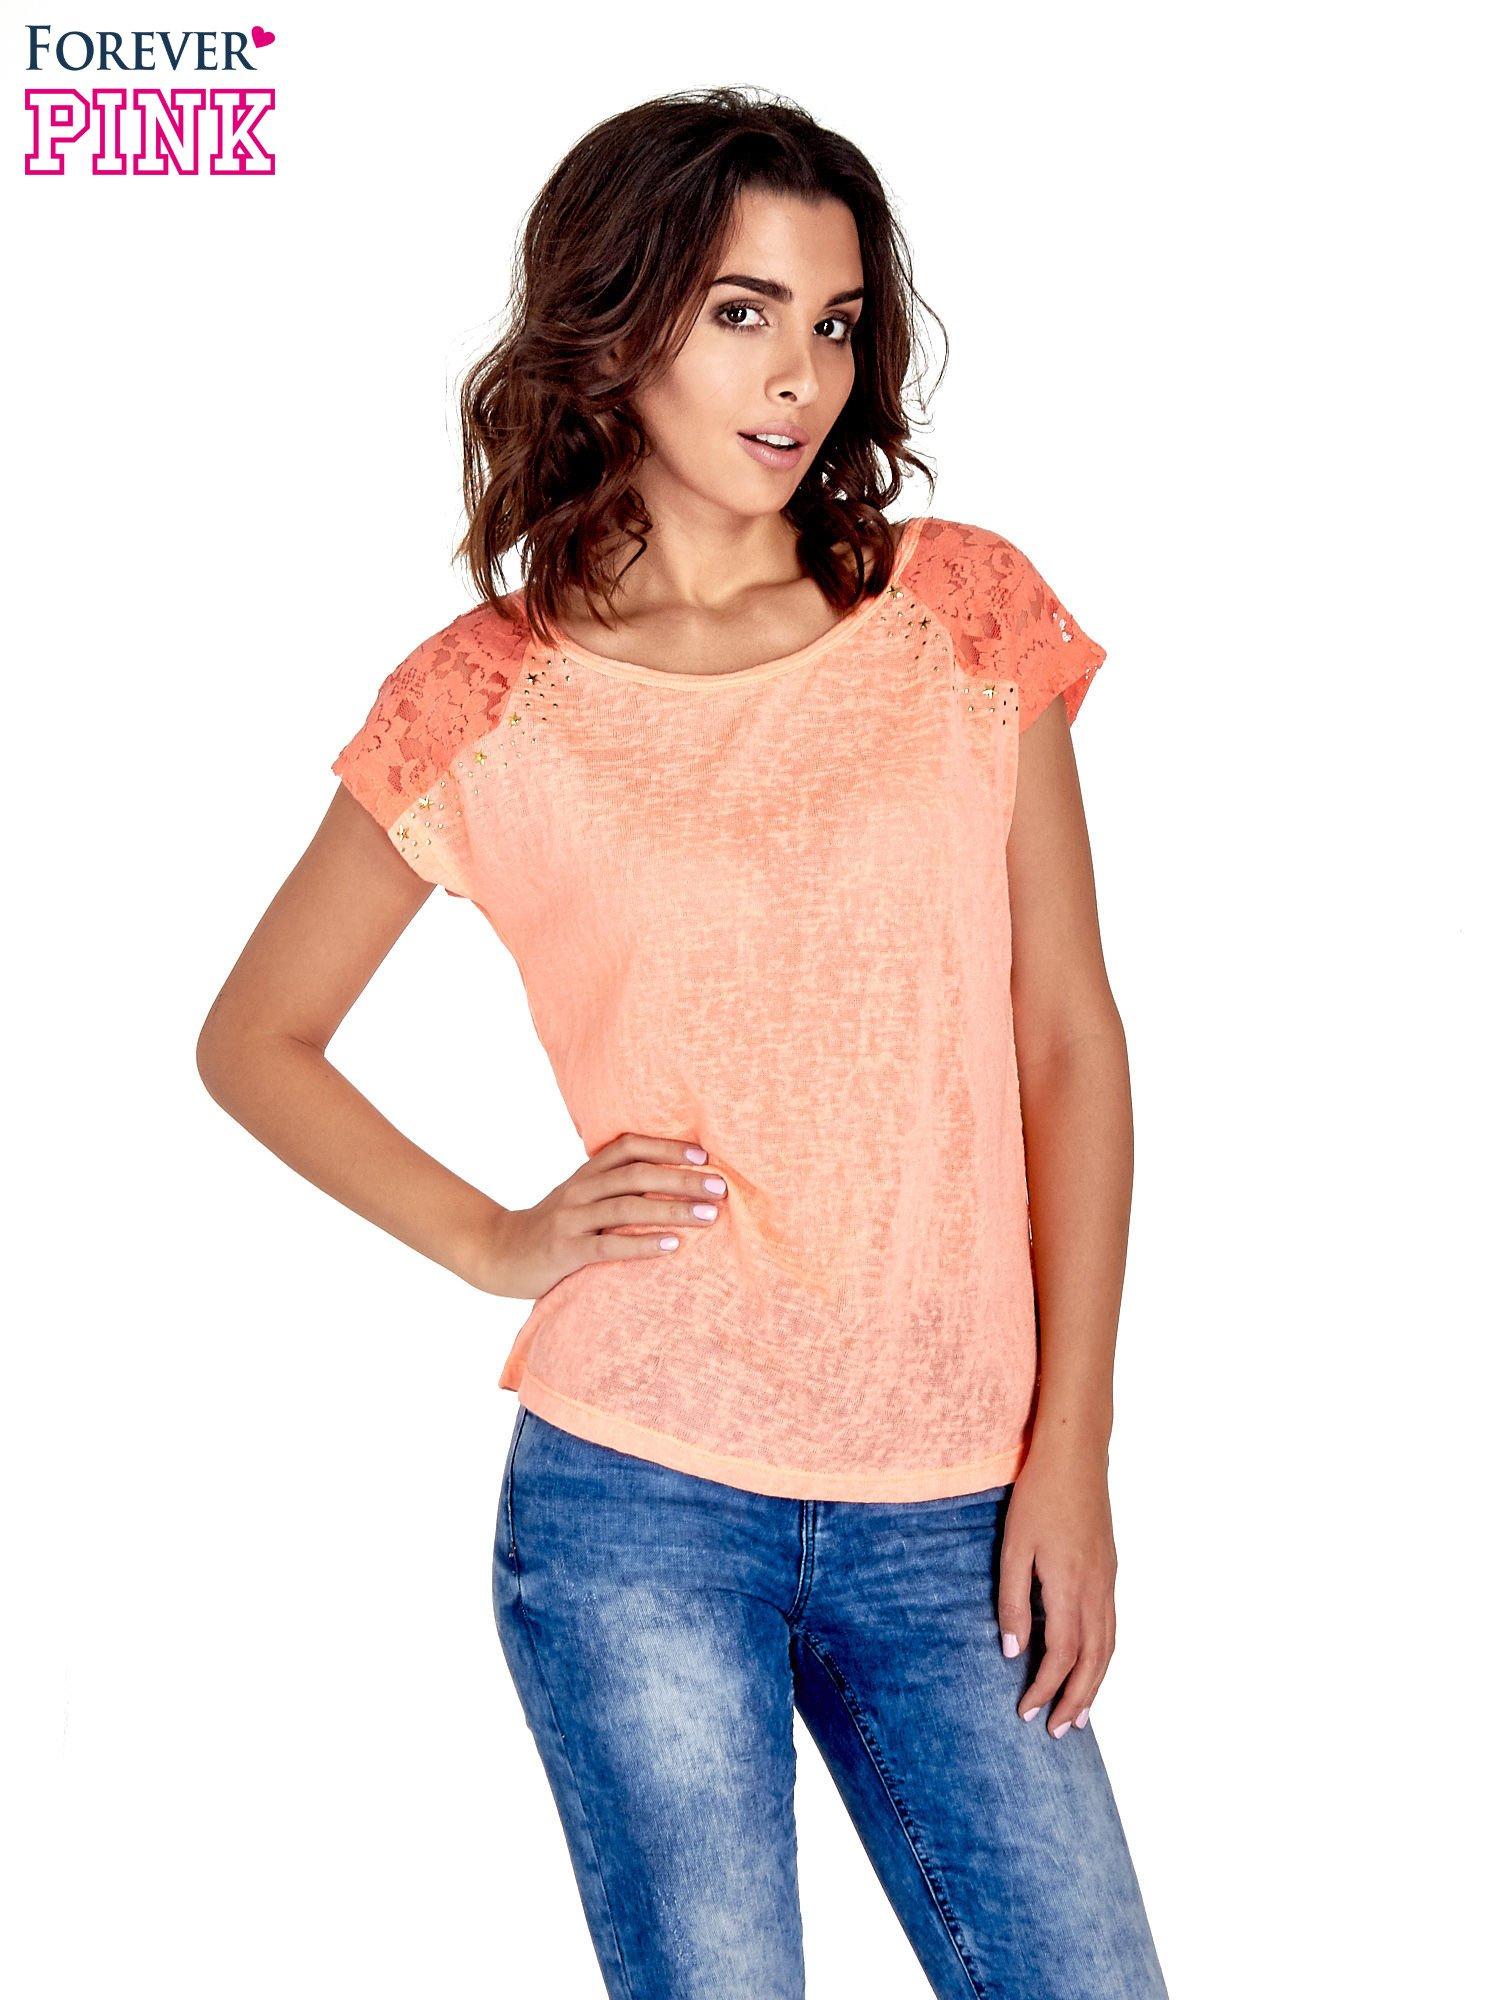 Koralowy t-shirt z koronkowymi rękawami i gwiazdkami                                  zdj.                                  1